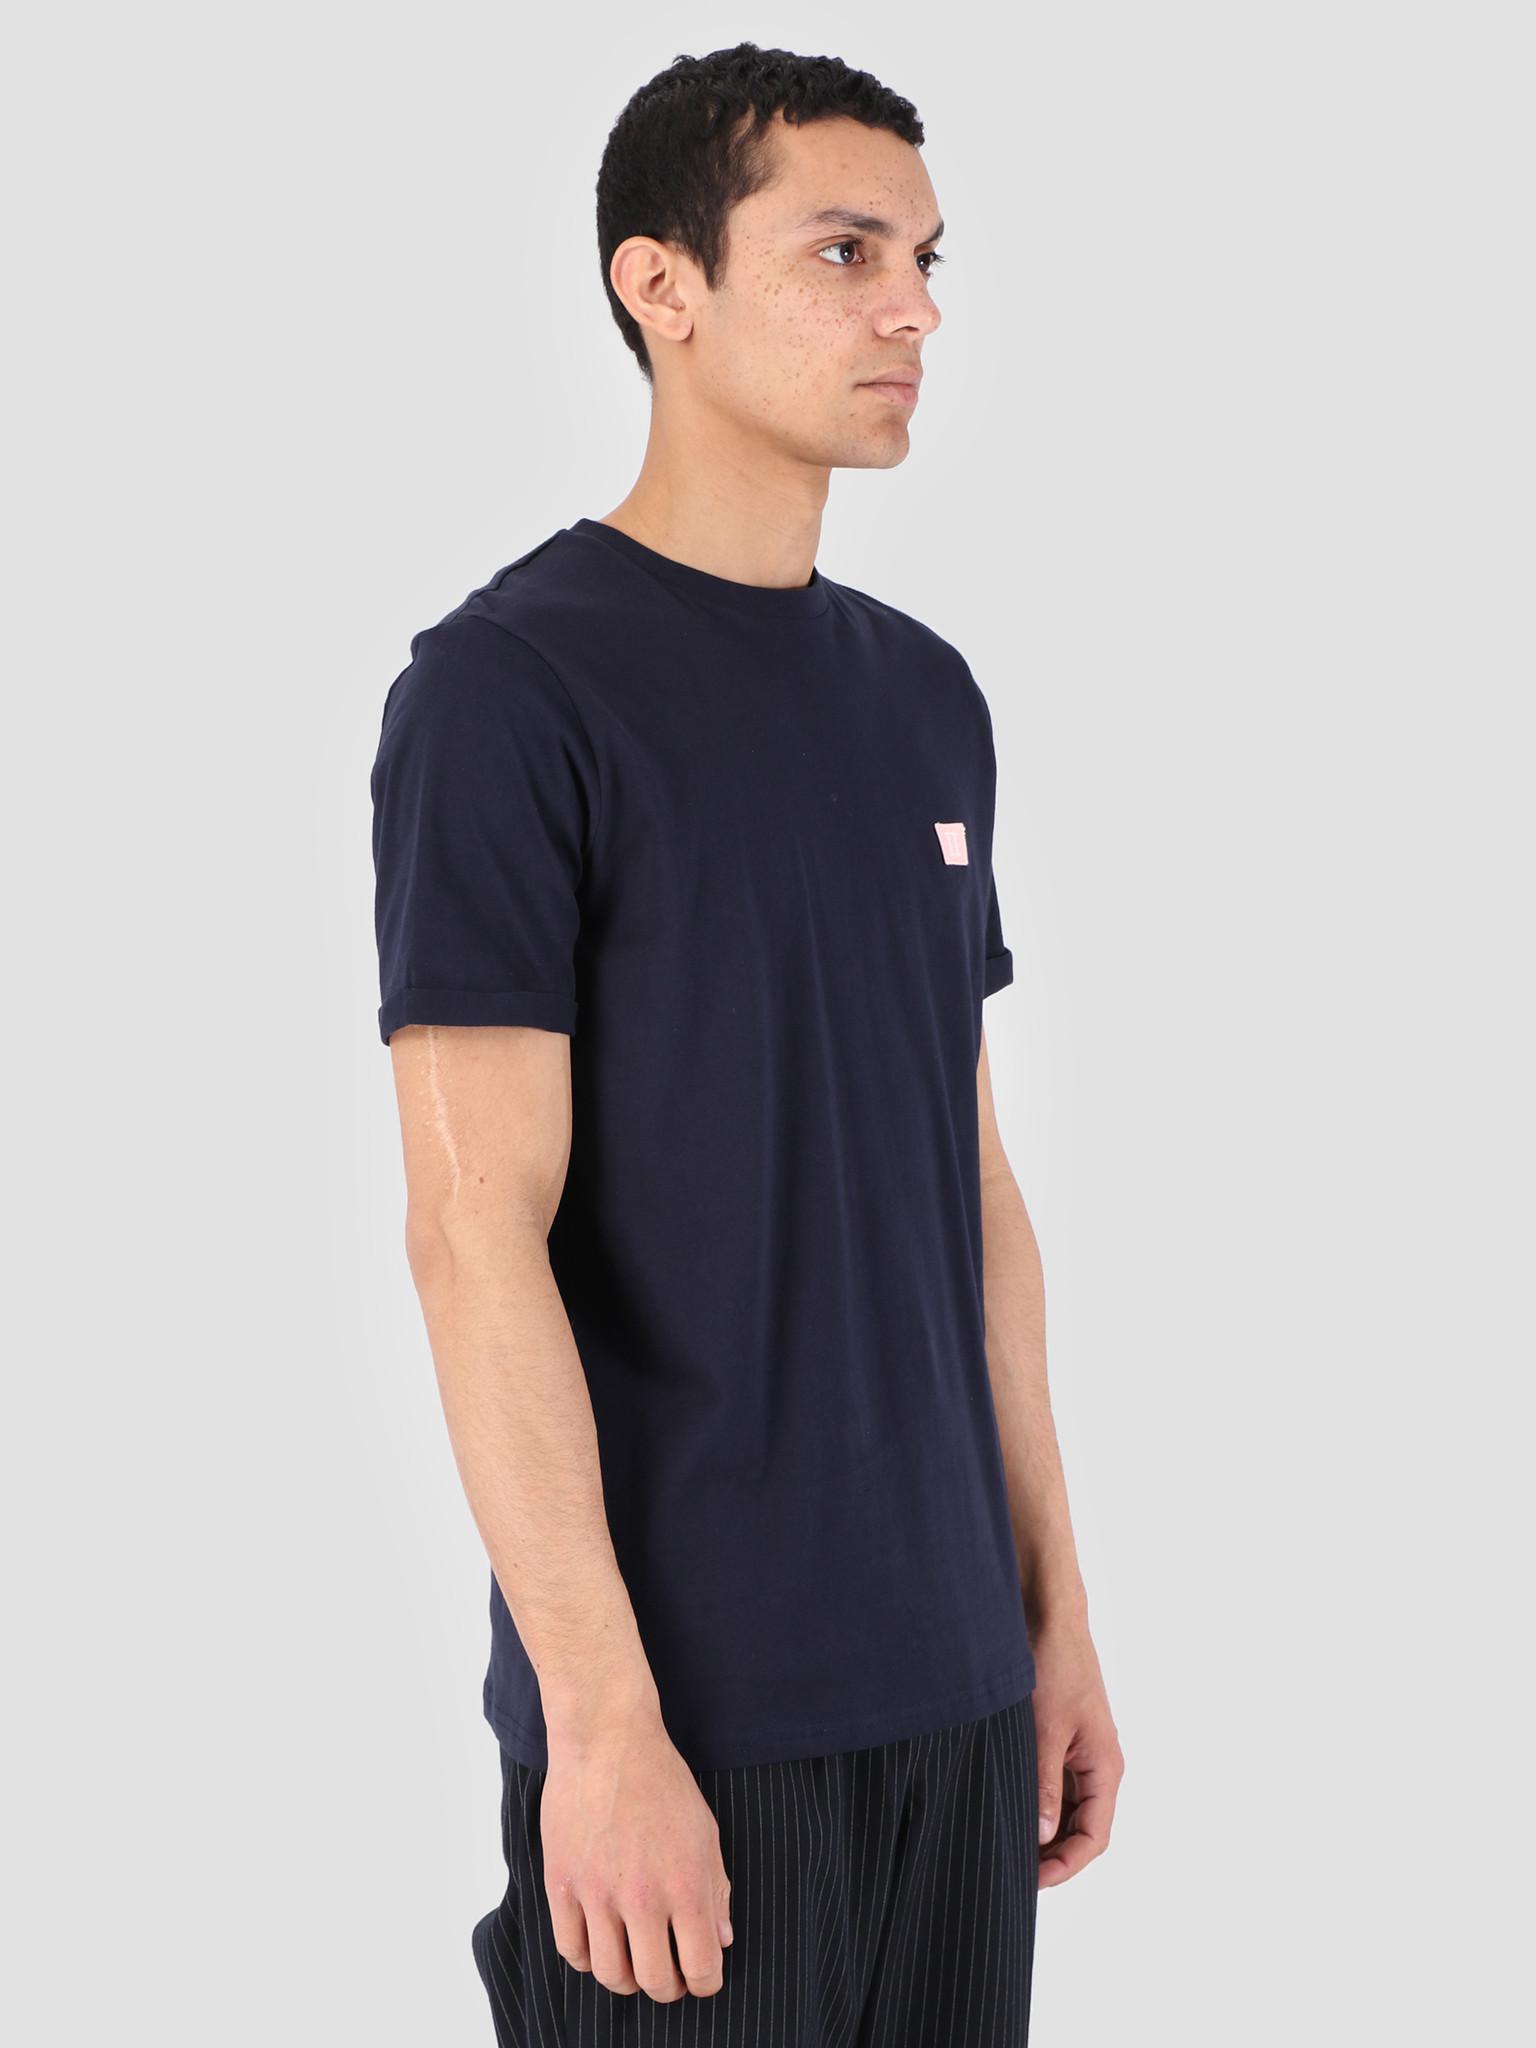 Les Deux Les Deux Piece T-Shirt Dark Navy LDM101034